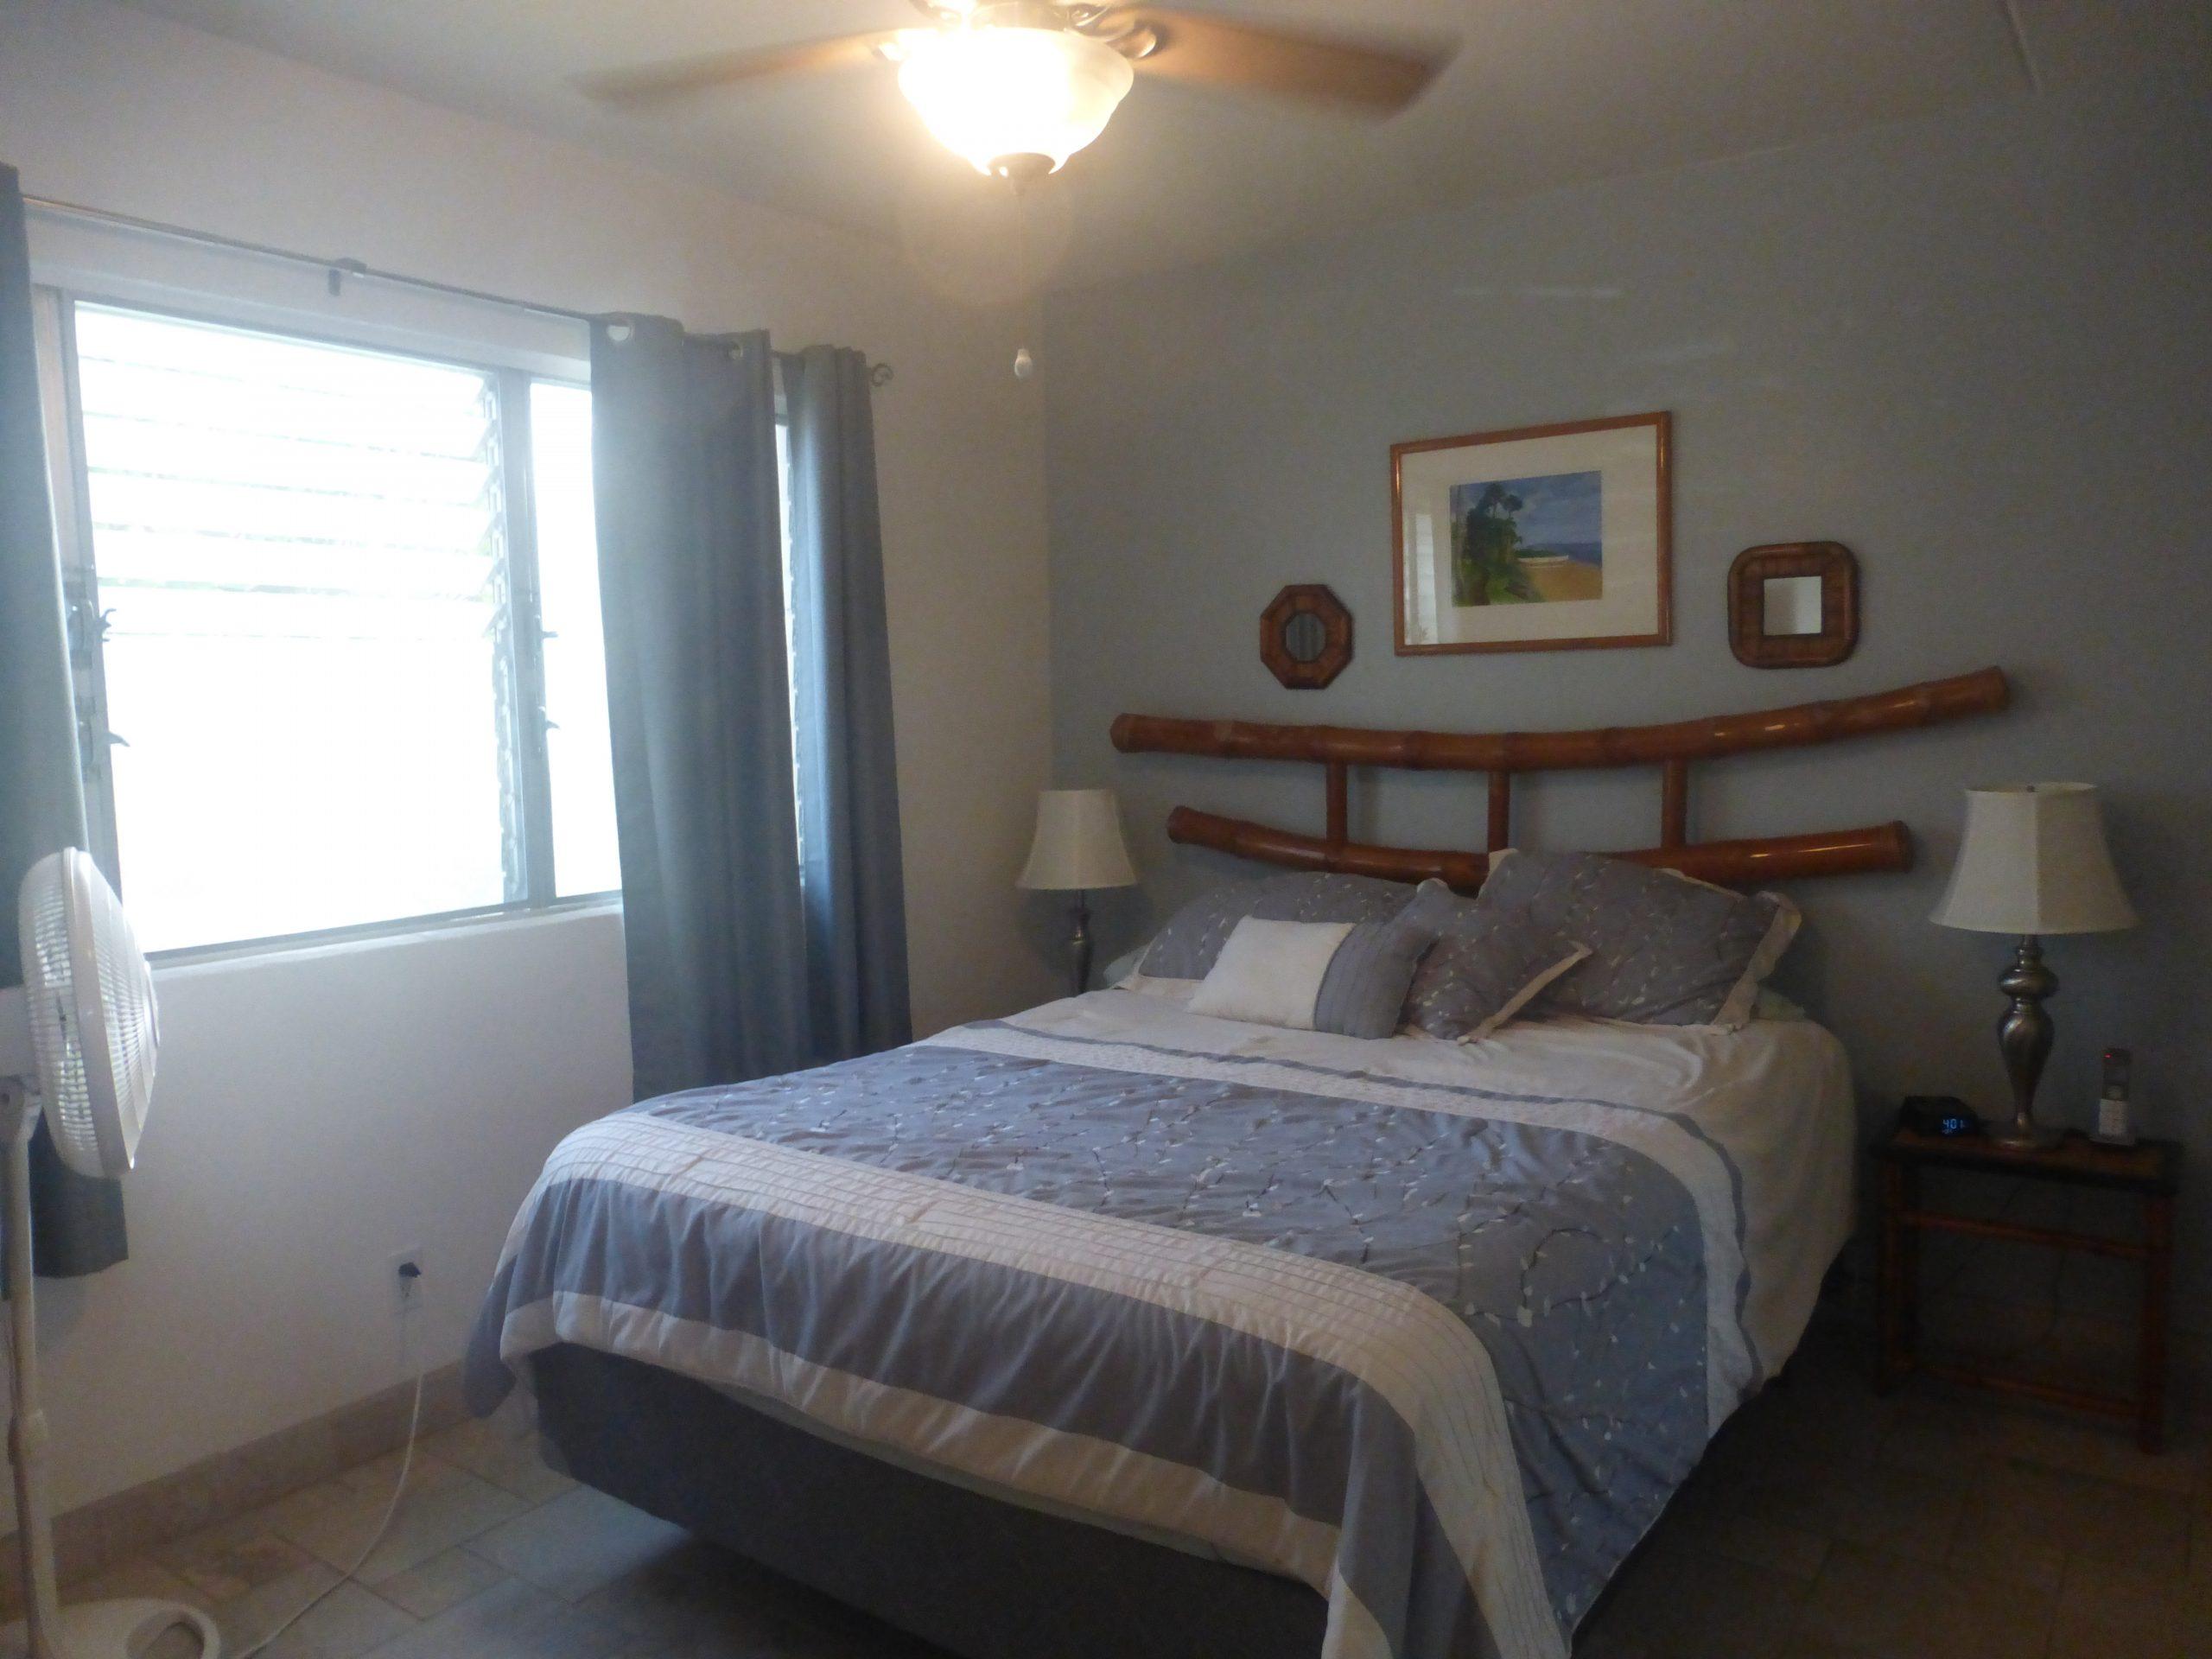 Condo 153 Queen size bed